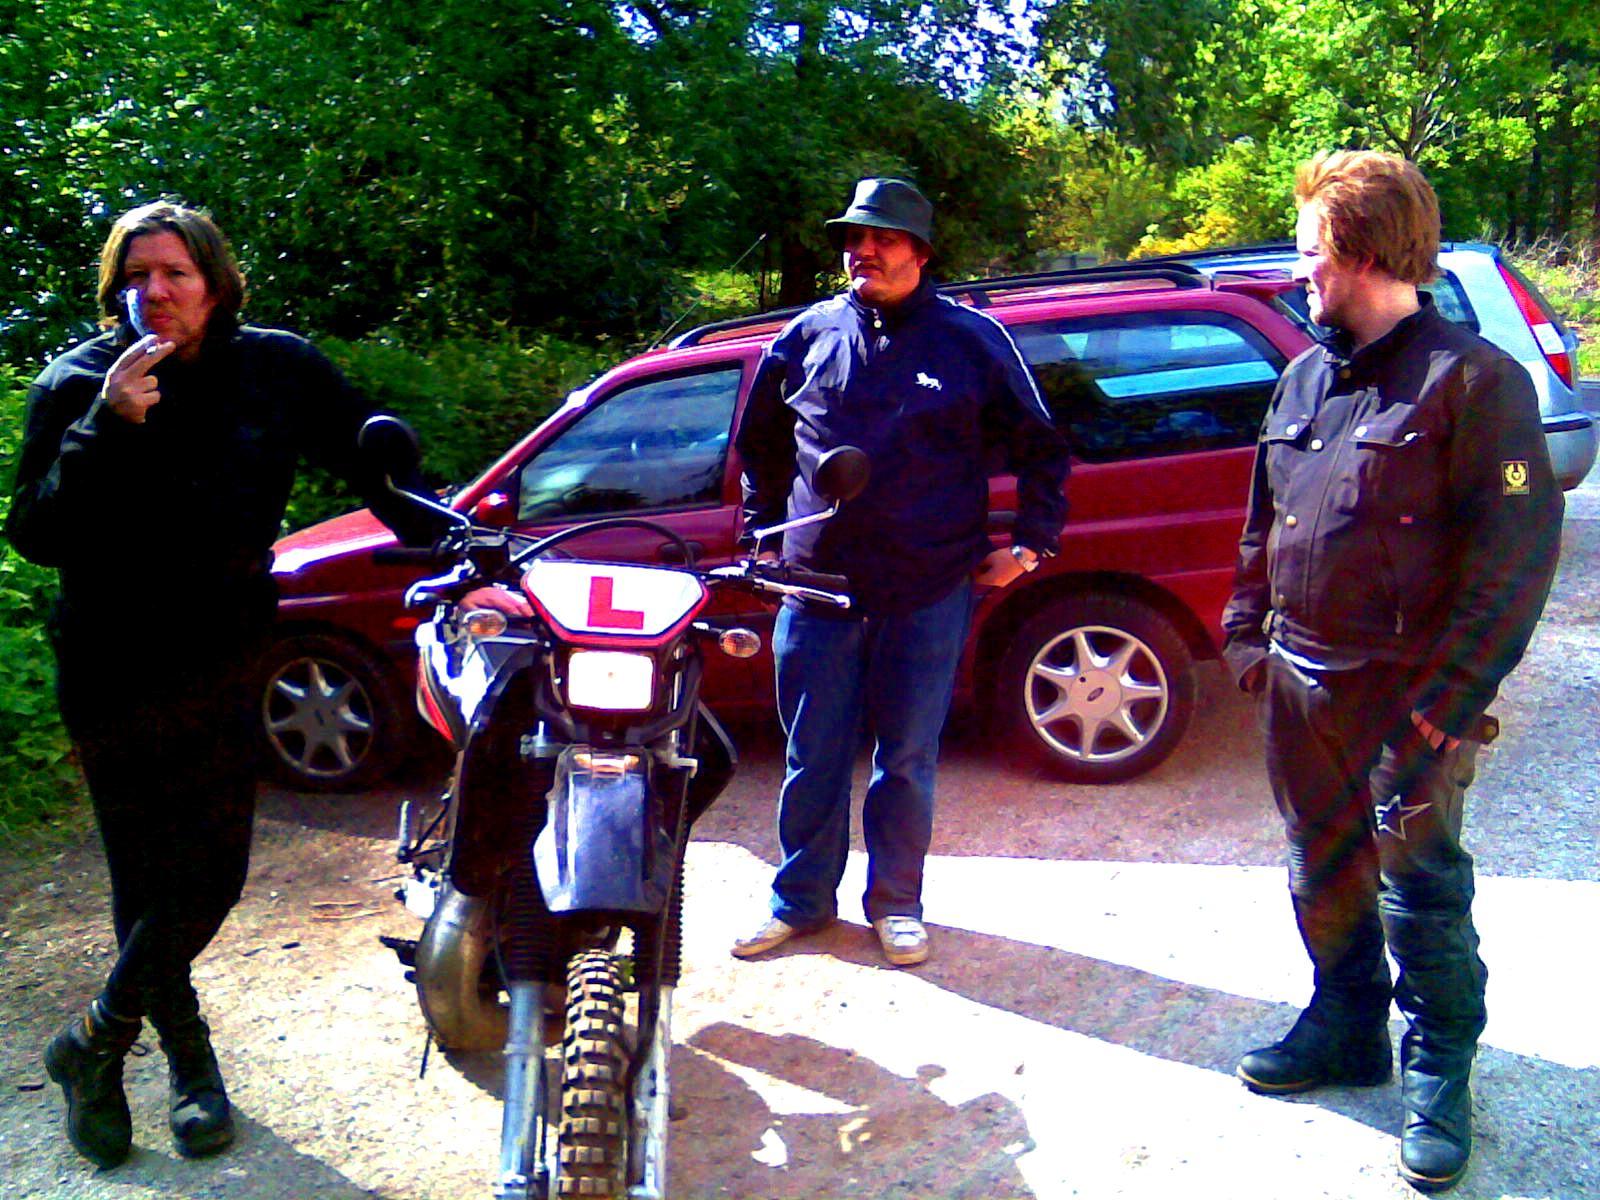 3 and a bike